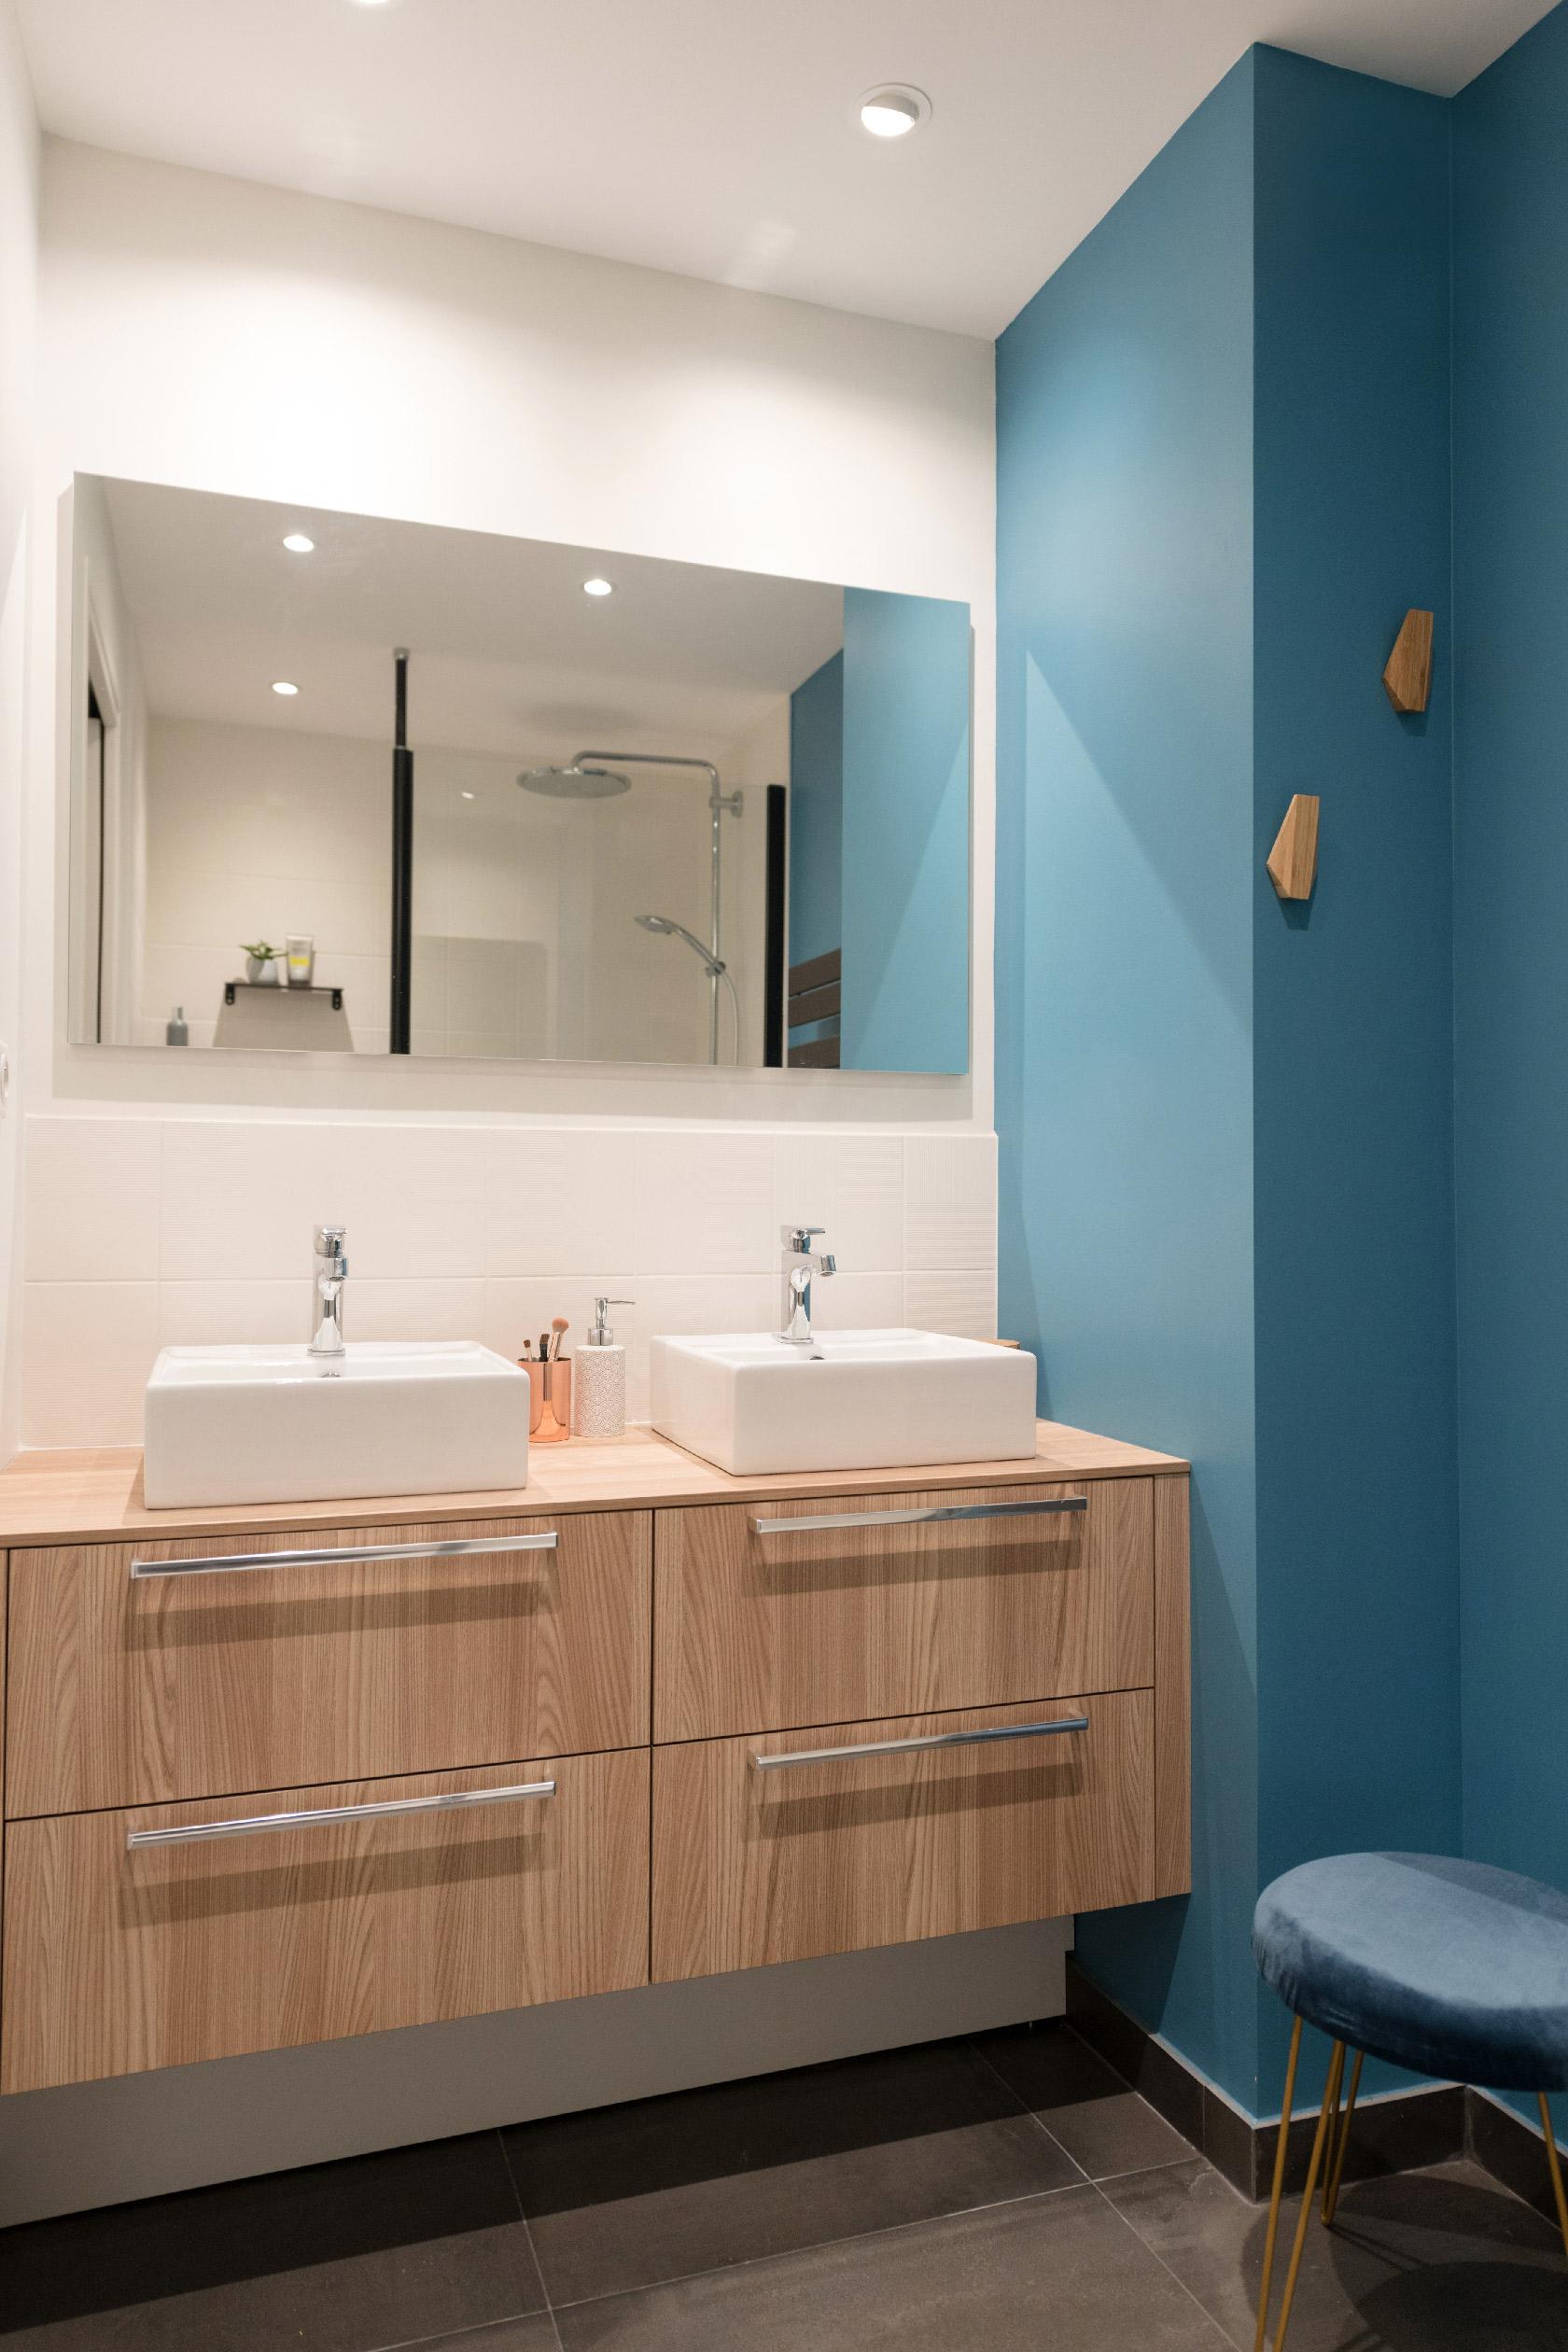 Deux vasques sont posées sur une vasque en bois mesurant 120 cm. Le tout est surplombé d'un grand miroir allongé. La faïence est blanche et un mur est peint en bleu. Une salle de bain originale et atemporelle.